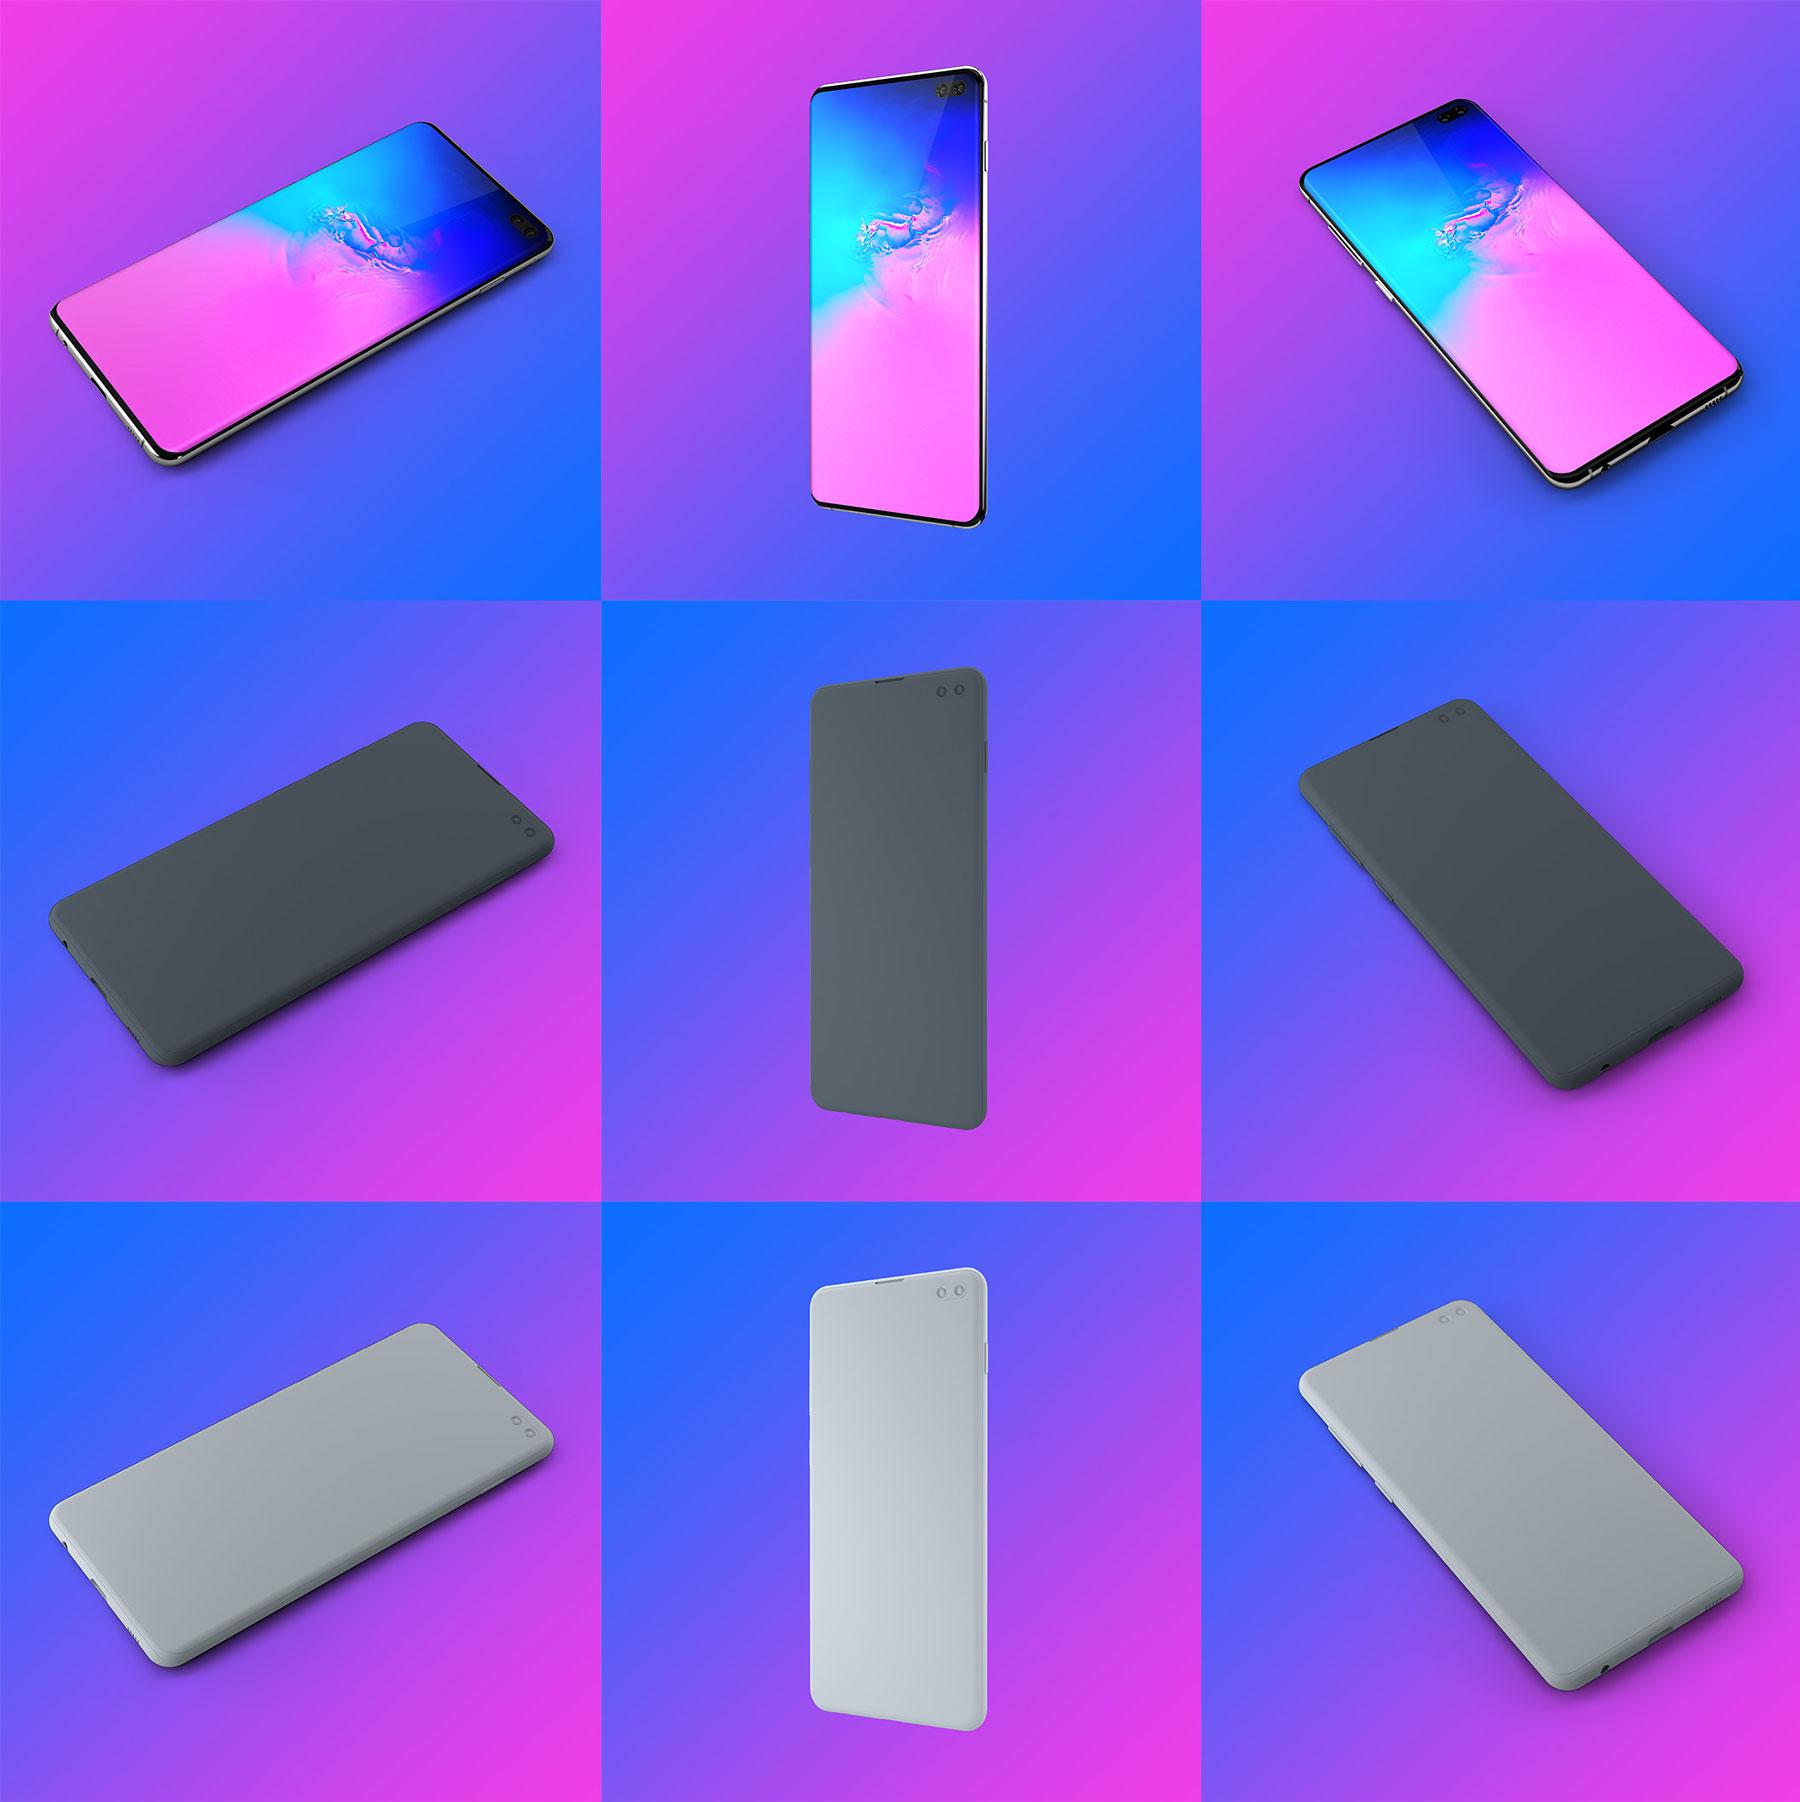 应用程序&网站设计预览三星Galaxy S10样机模板 Samsung Galaxy S10+ Design Mockup 2插图(6)